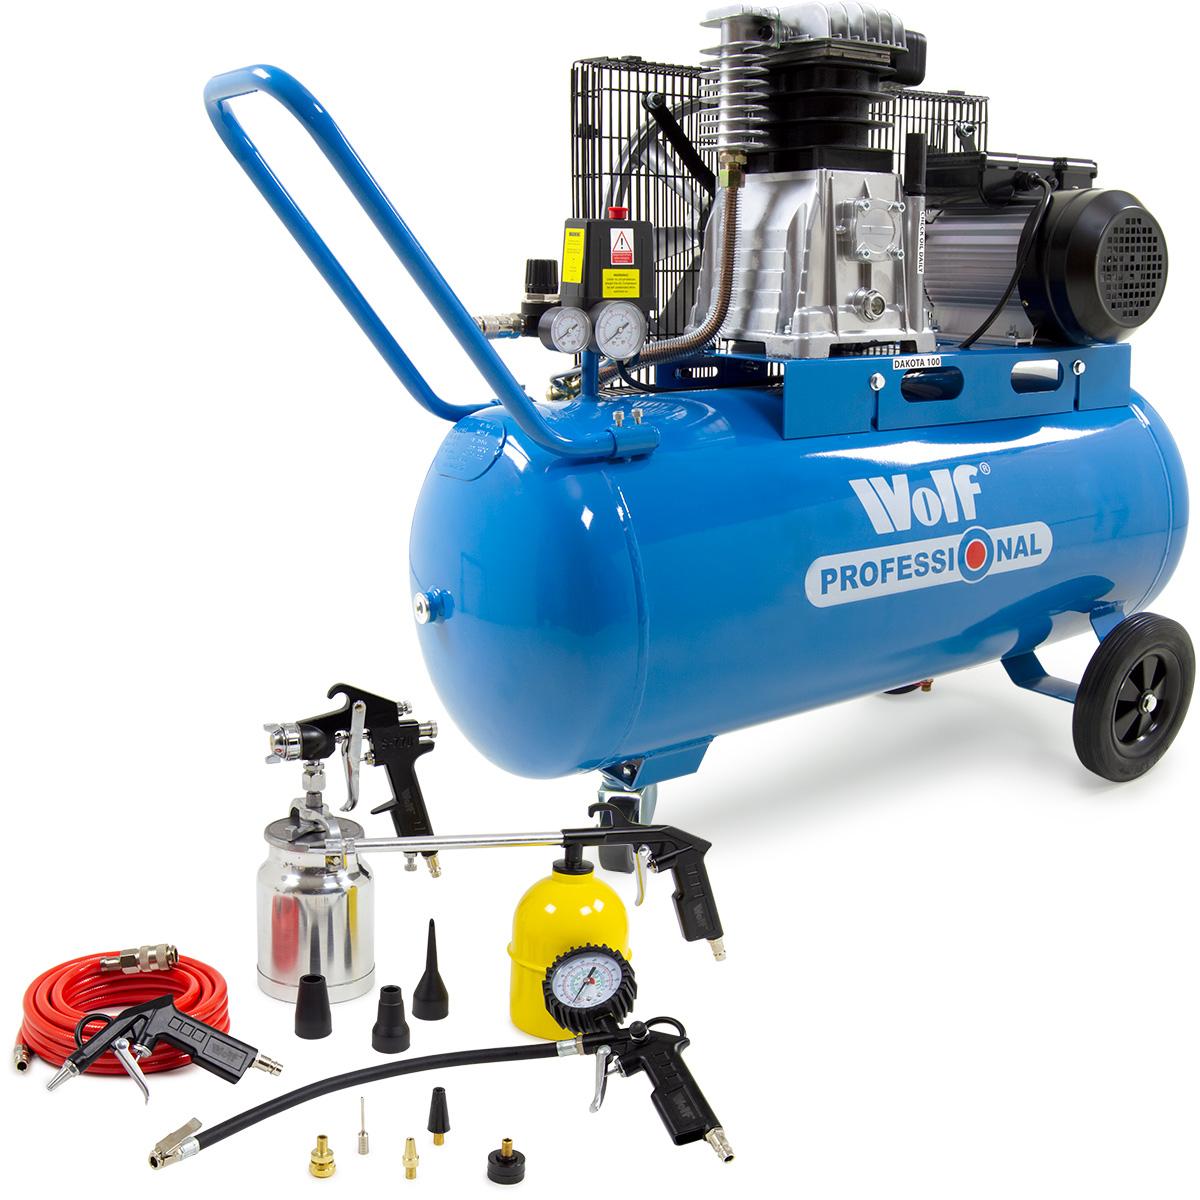 Wolf Dakota 90L Air Compressor & 13pc Spray Tool Kit